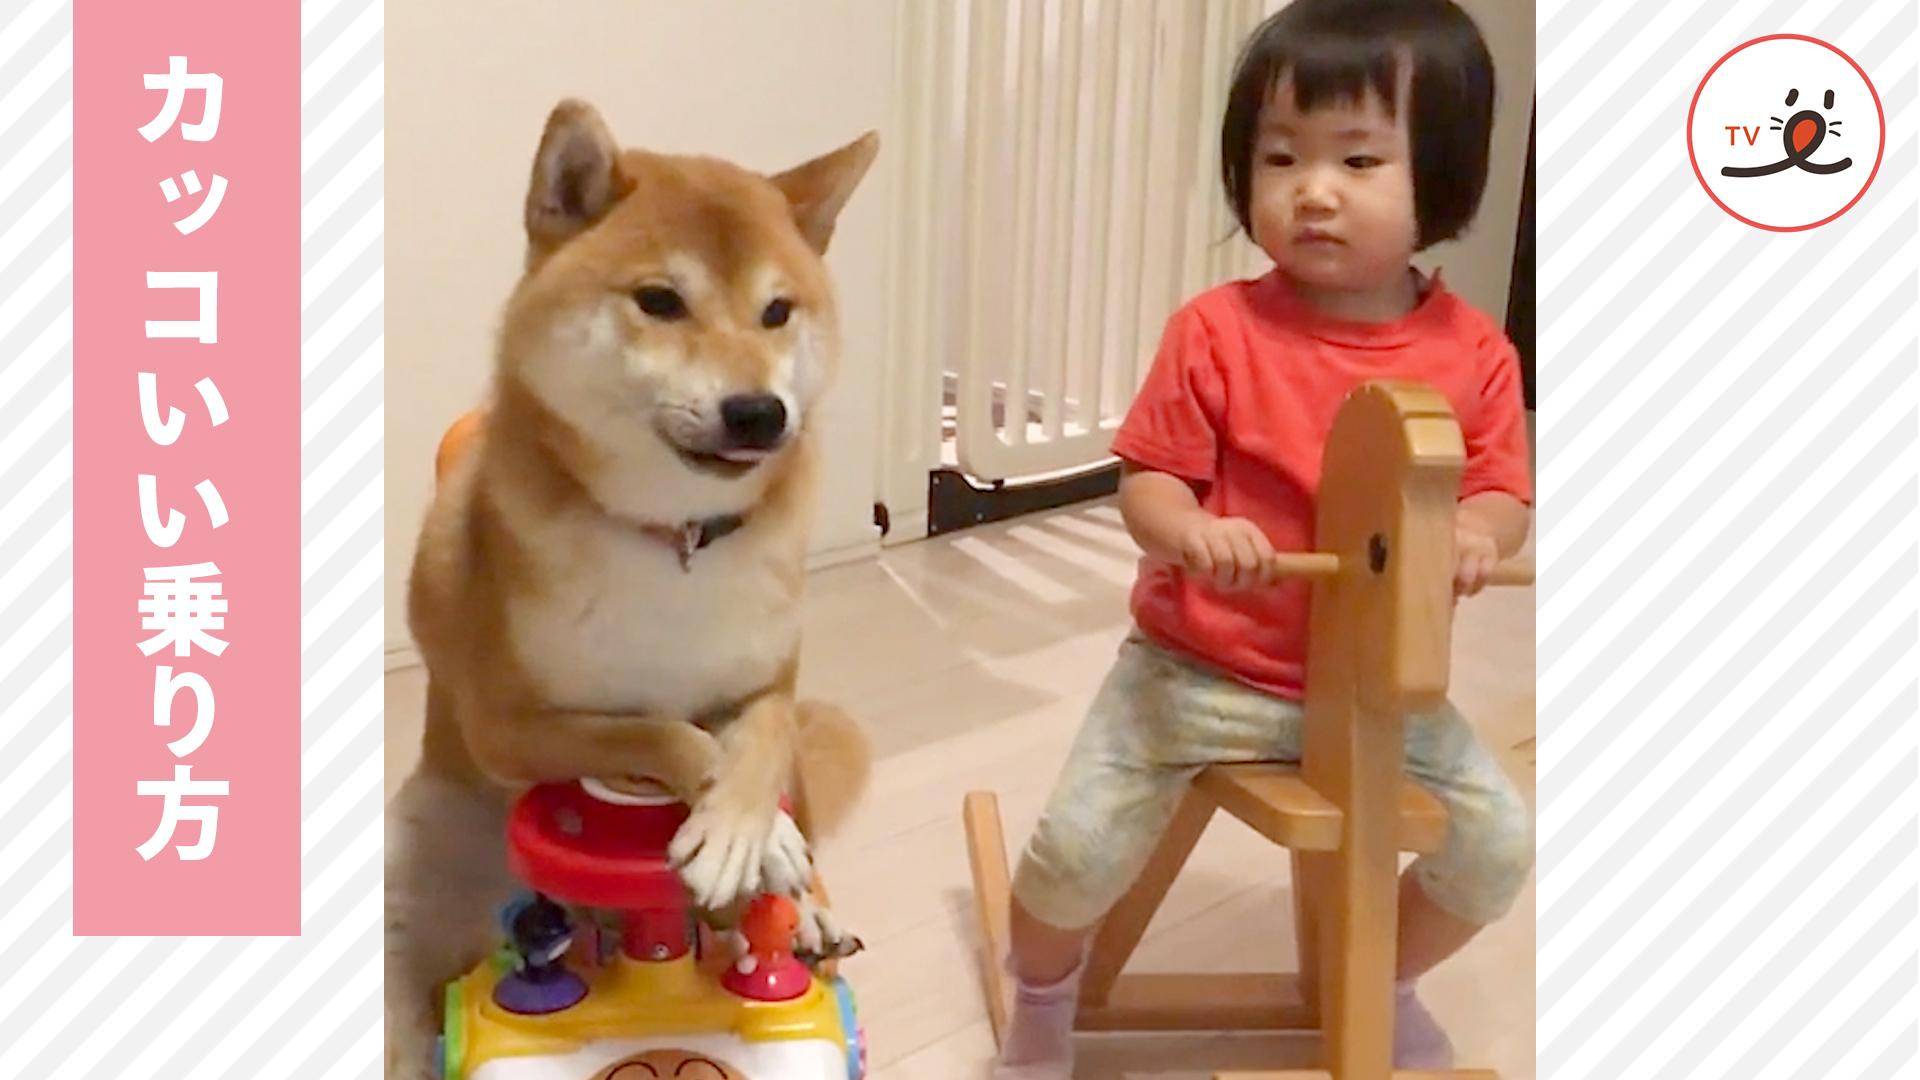 木馬に乗れた妹ちゃんにカッコいい乗り方を教えようとする柴犬お兄ちゃんだが…